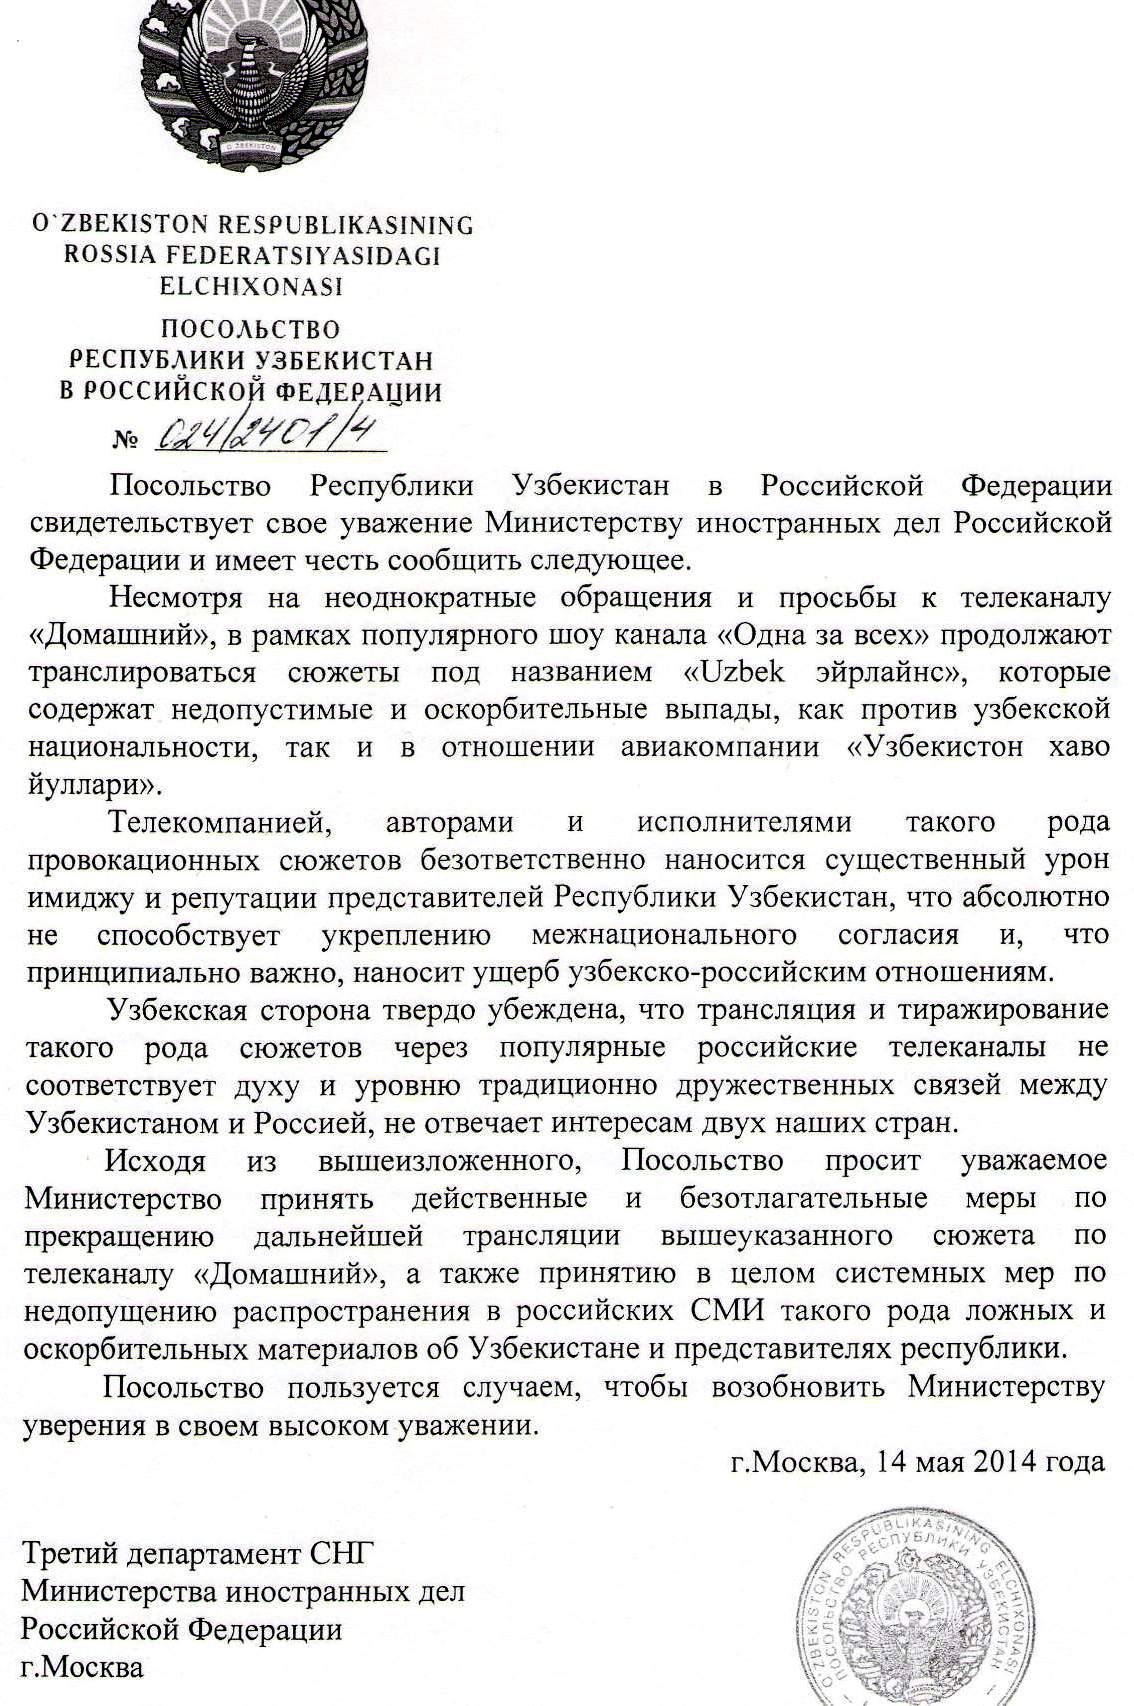 Нота МИД Узбекистана. Кликните на фото для увеличения